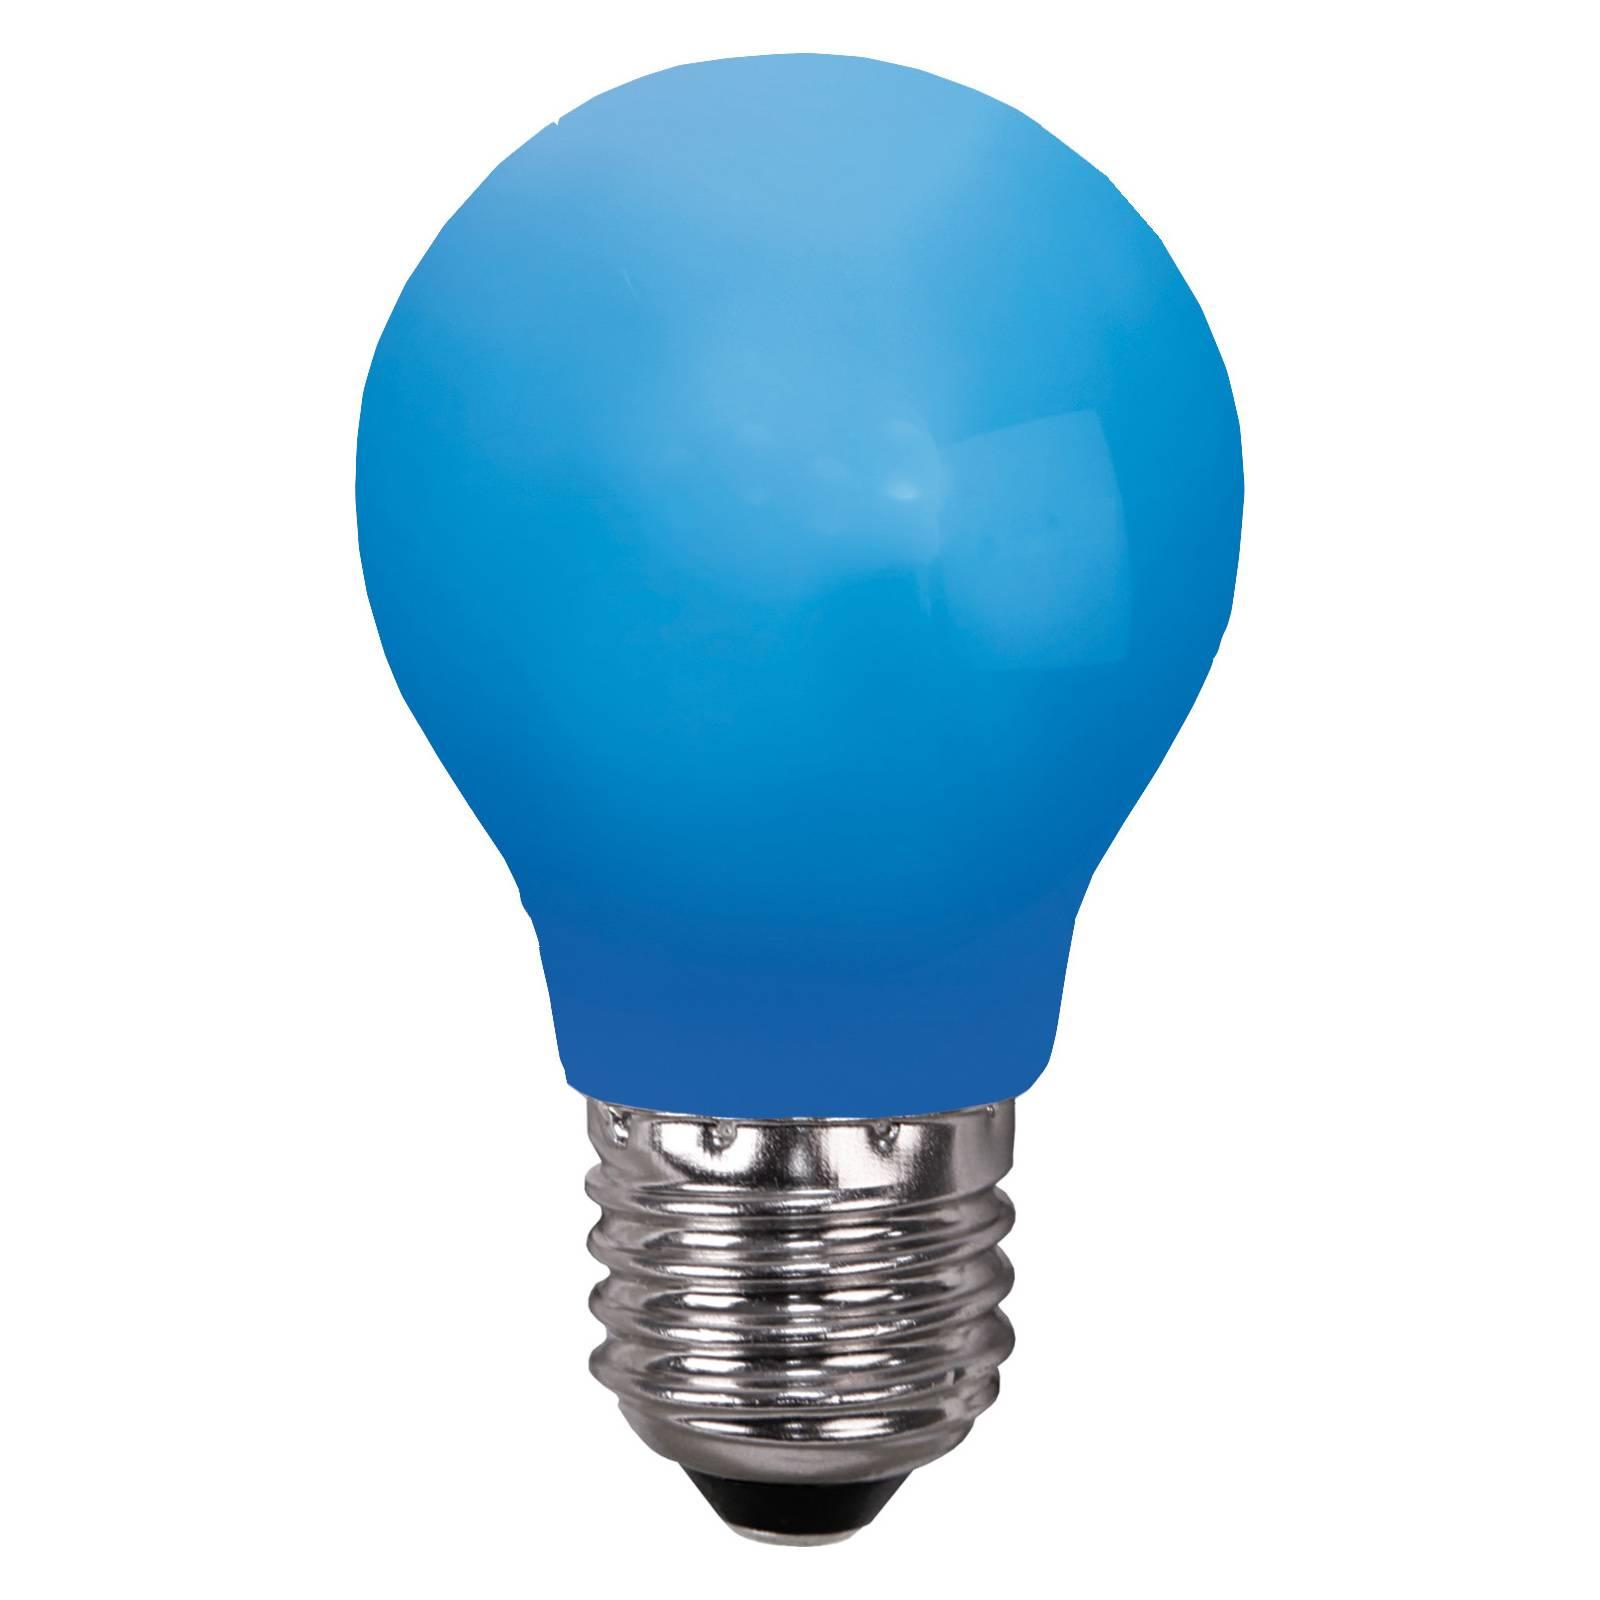 LED-Lampe E27 für Lichterketten, bruchfest, blau